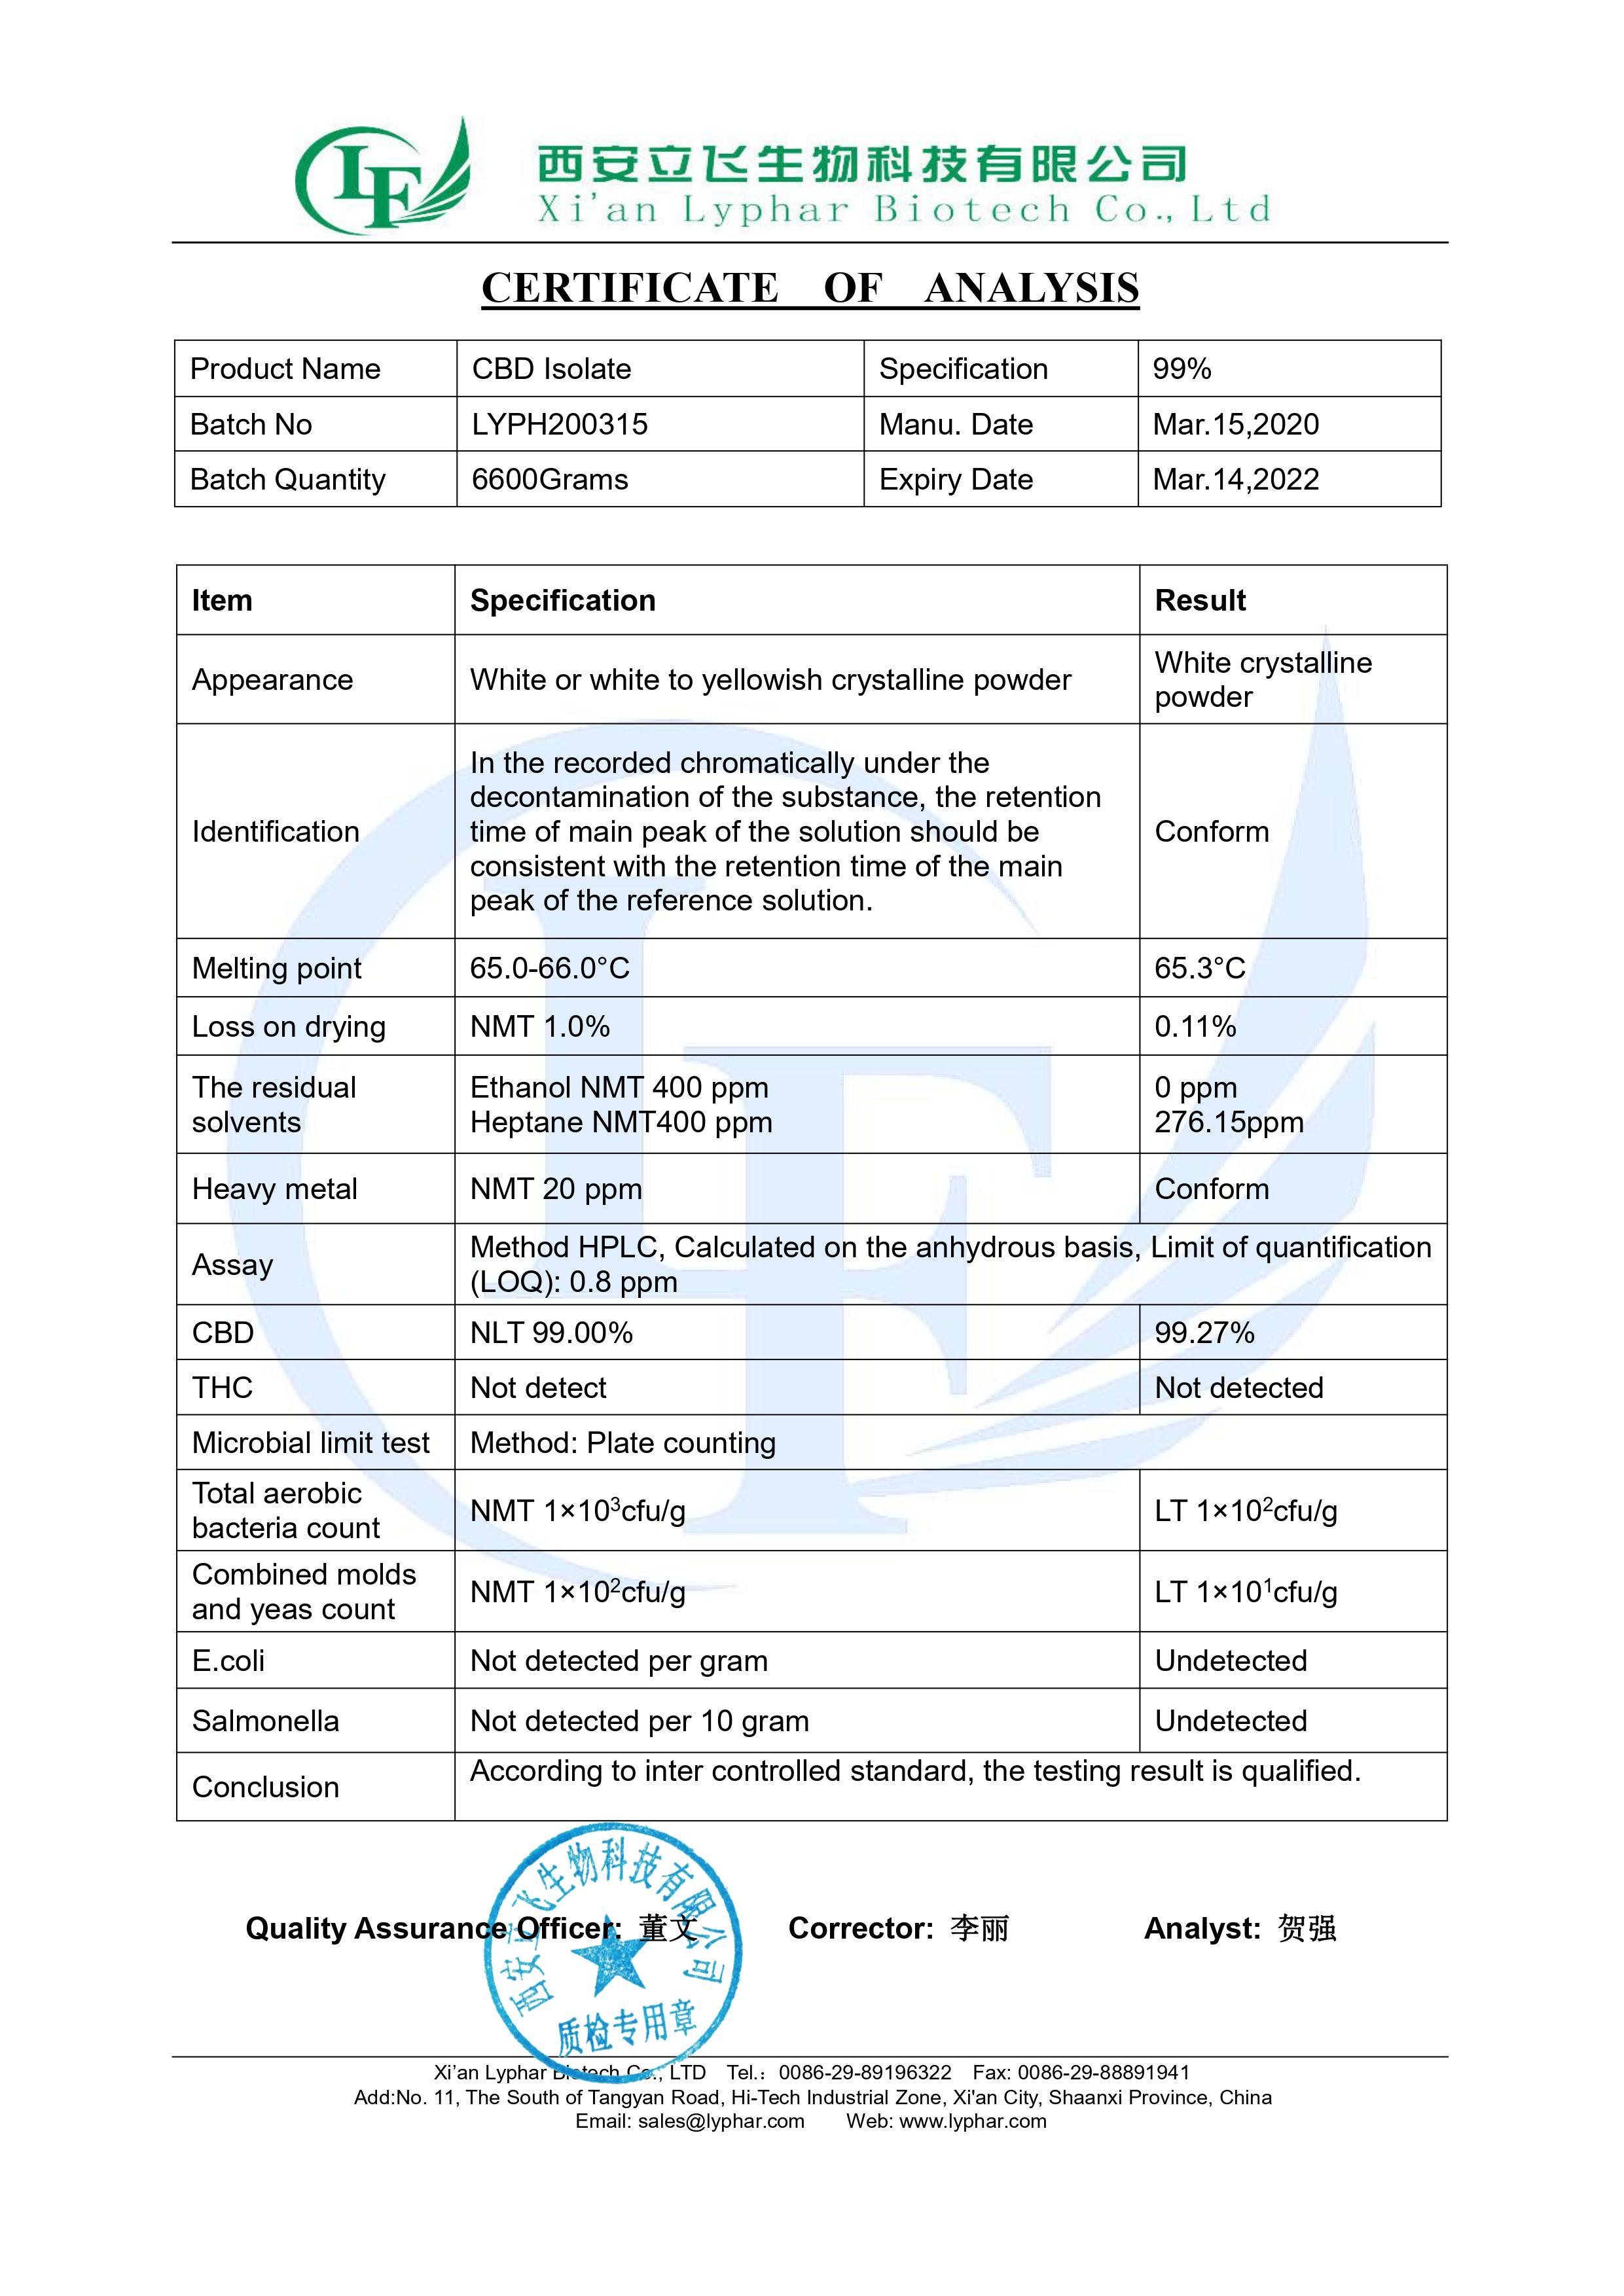 CBD инвентарь в США Горячая продажа CBD изолят/каннабидиол изолят/CBD порошок